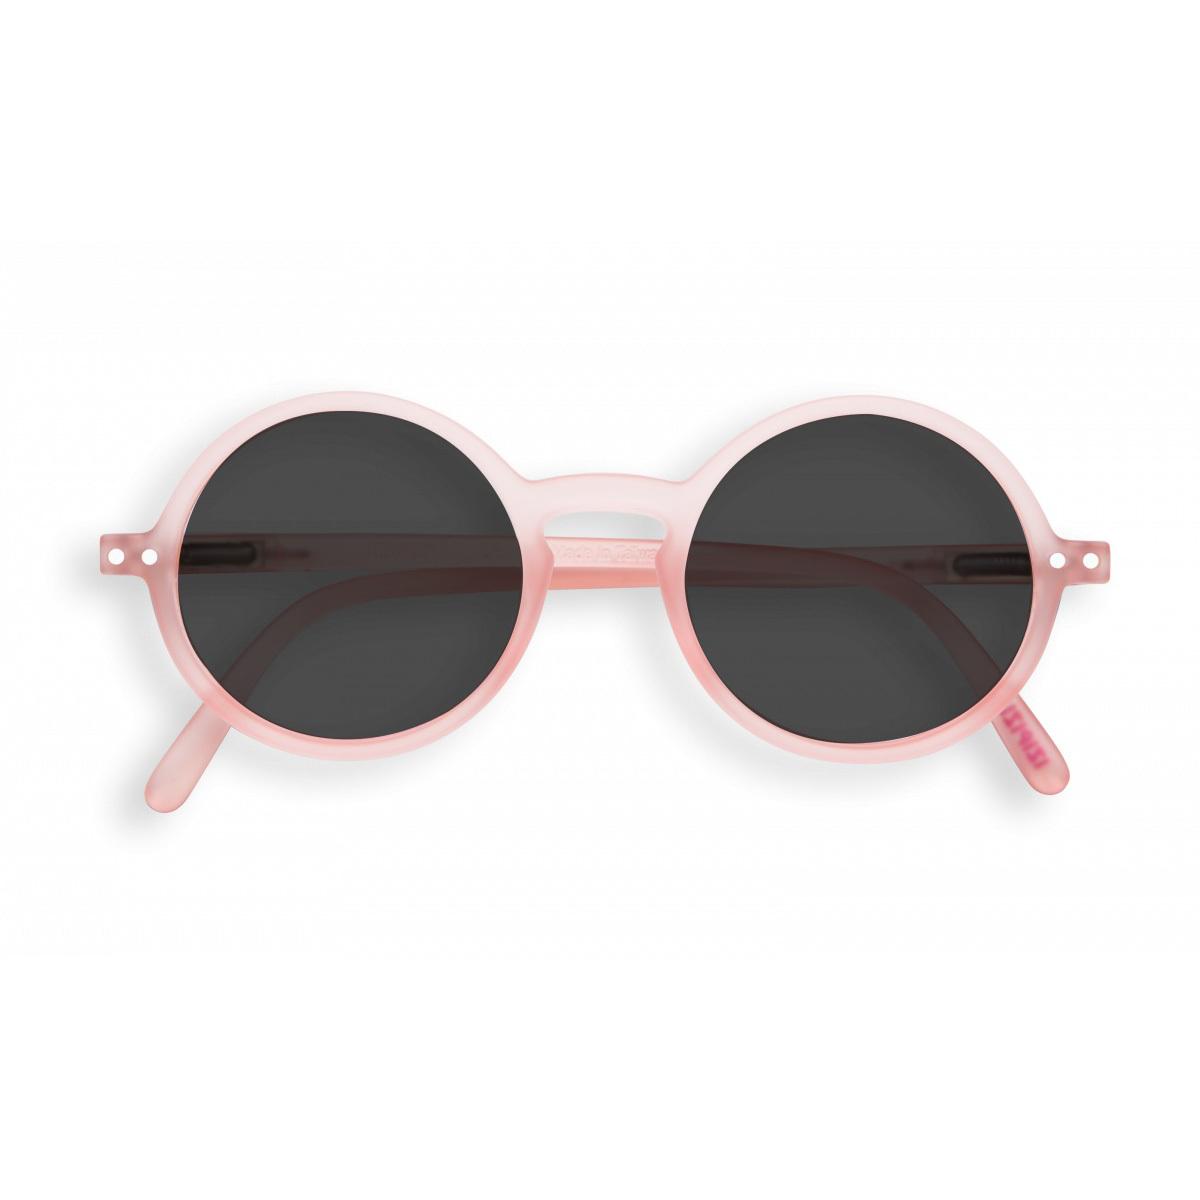 Accessoires bébé Lunettes de Soleil G Junior Pink Halo - 3/10 Ans Lunettes de Soleil G Junior Pink Halo - 3/10 Ans